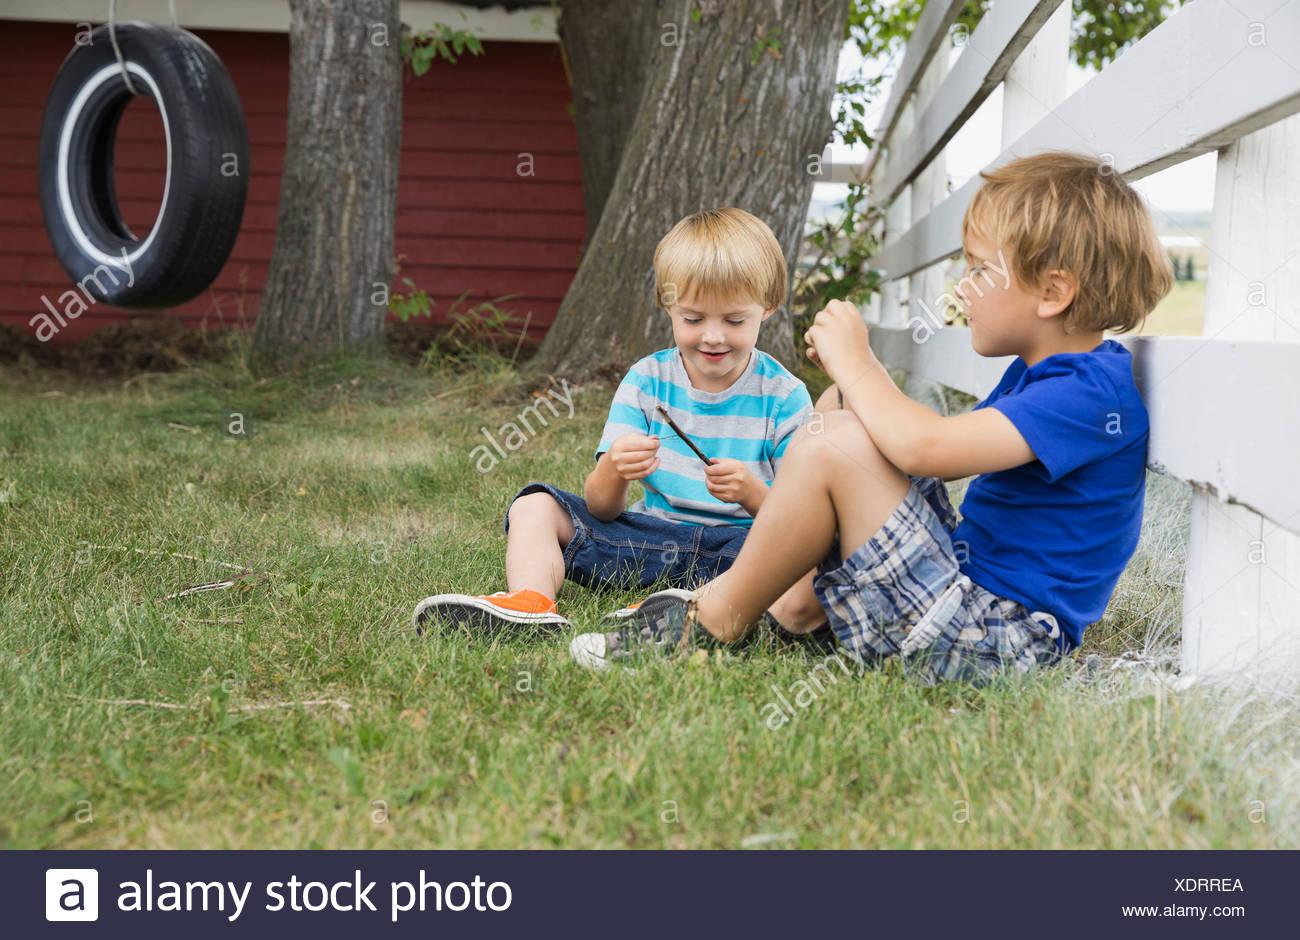 Los muchachos relajándose en el patio de atrás Imagen De Stock